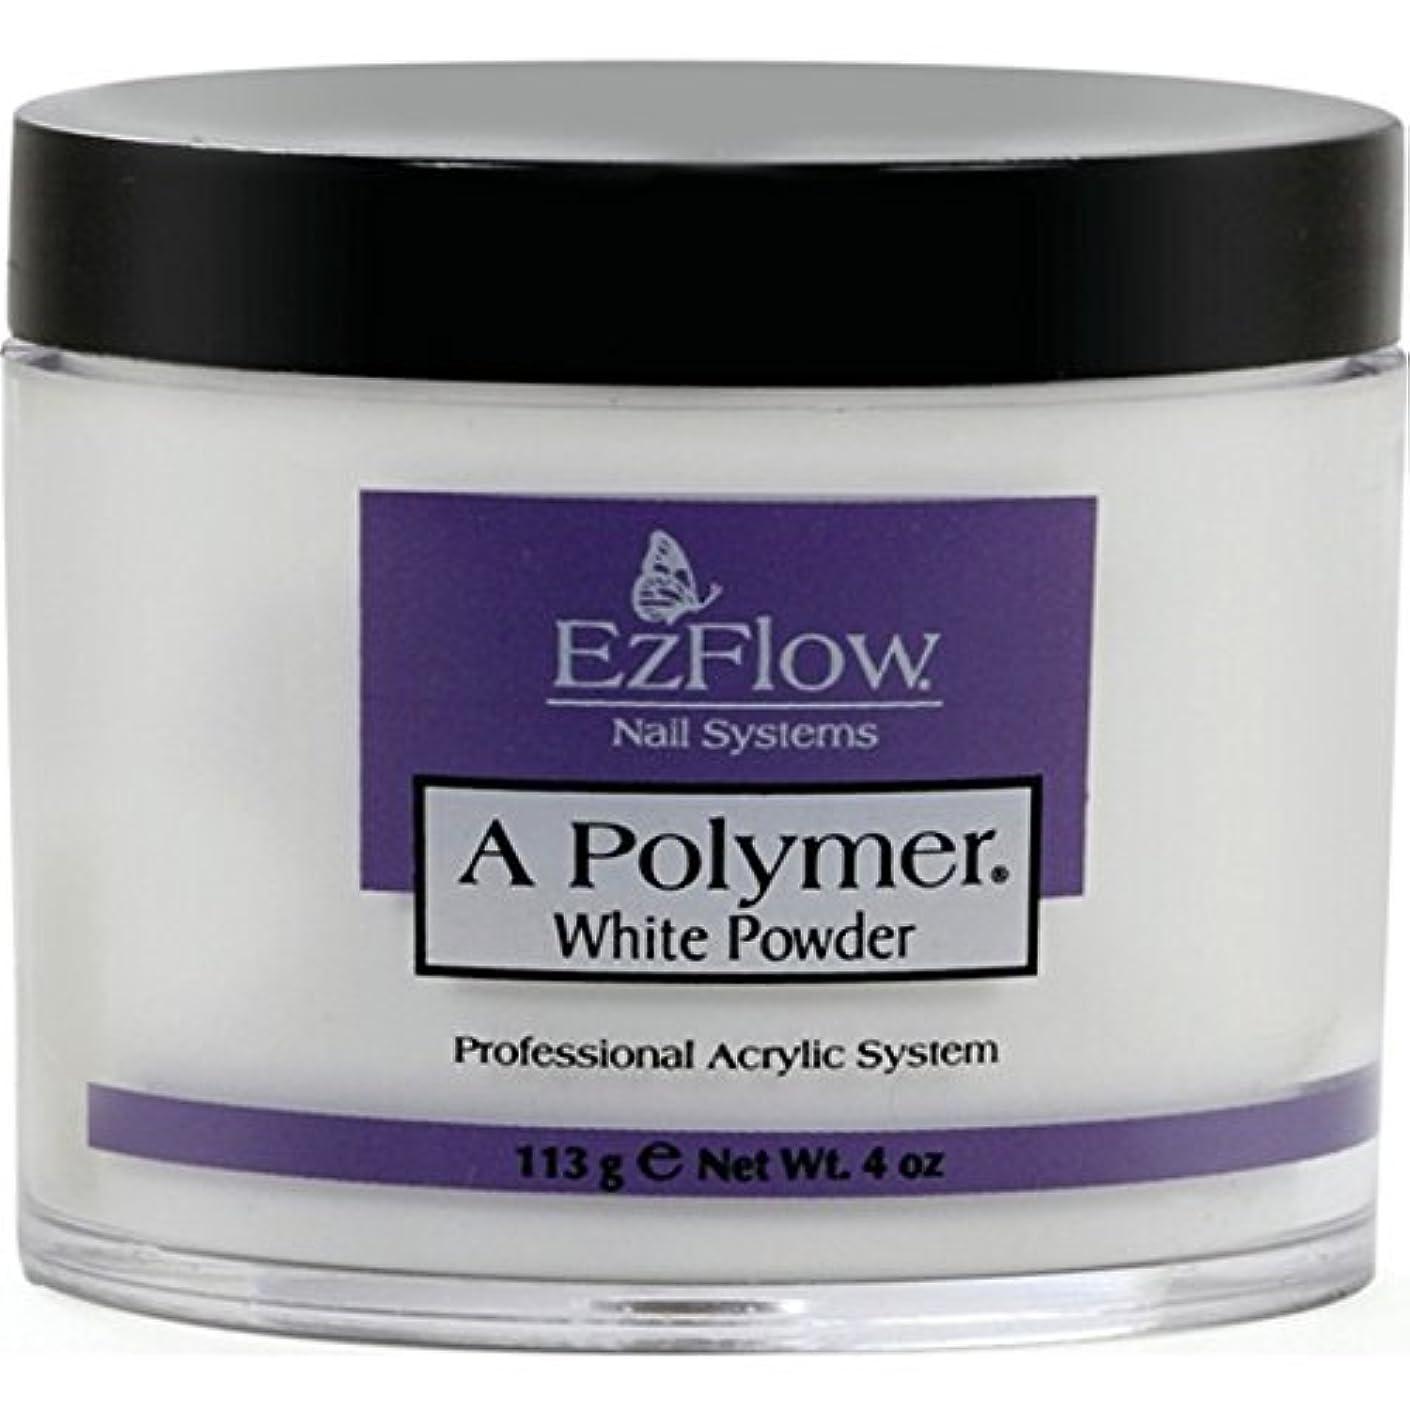 ダイヤモンド危険入場Ez Flow Aポリマー ホワイト 4oz(約113)